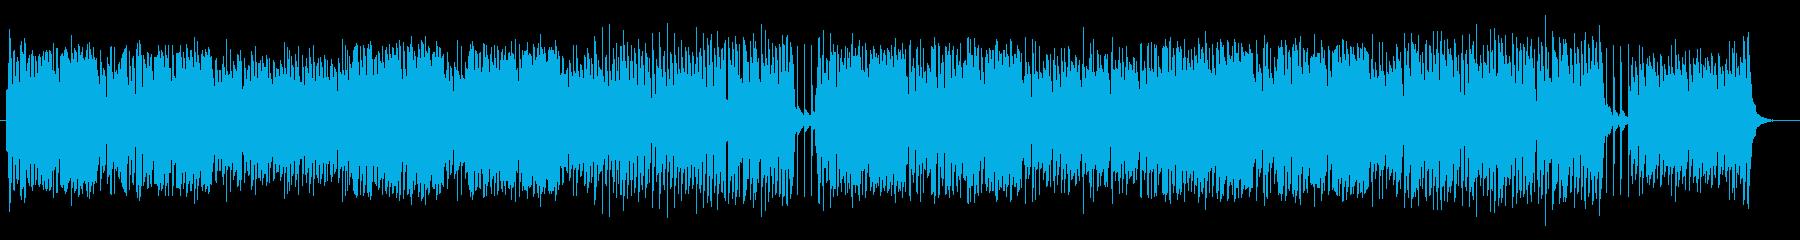 明るく可愛いテンポのいい曲の再生済みの波形